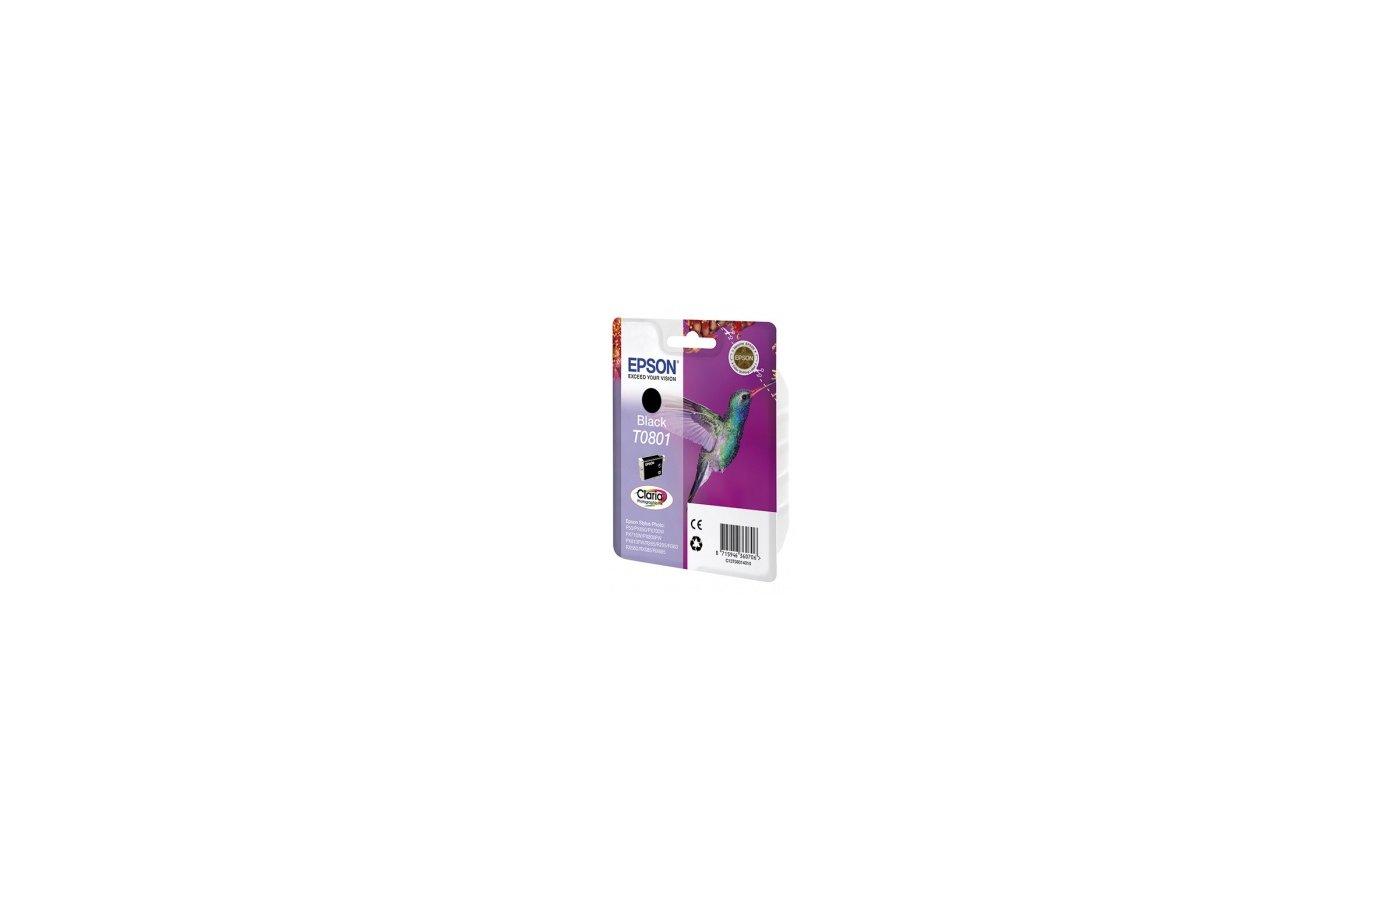 Картридж струйный Epson C13T08014011 black для Stylus Photo P50/PX660/PX720WD (330 стр)